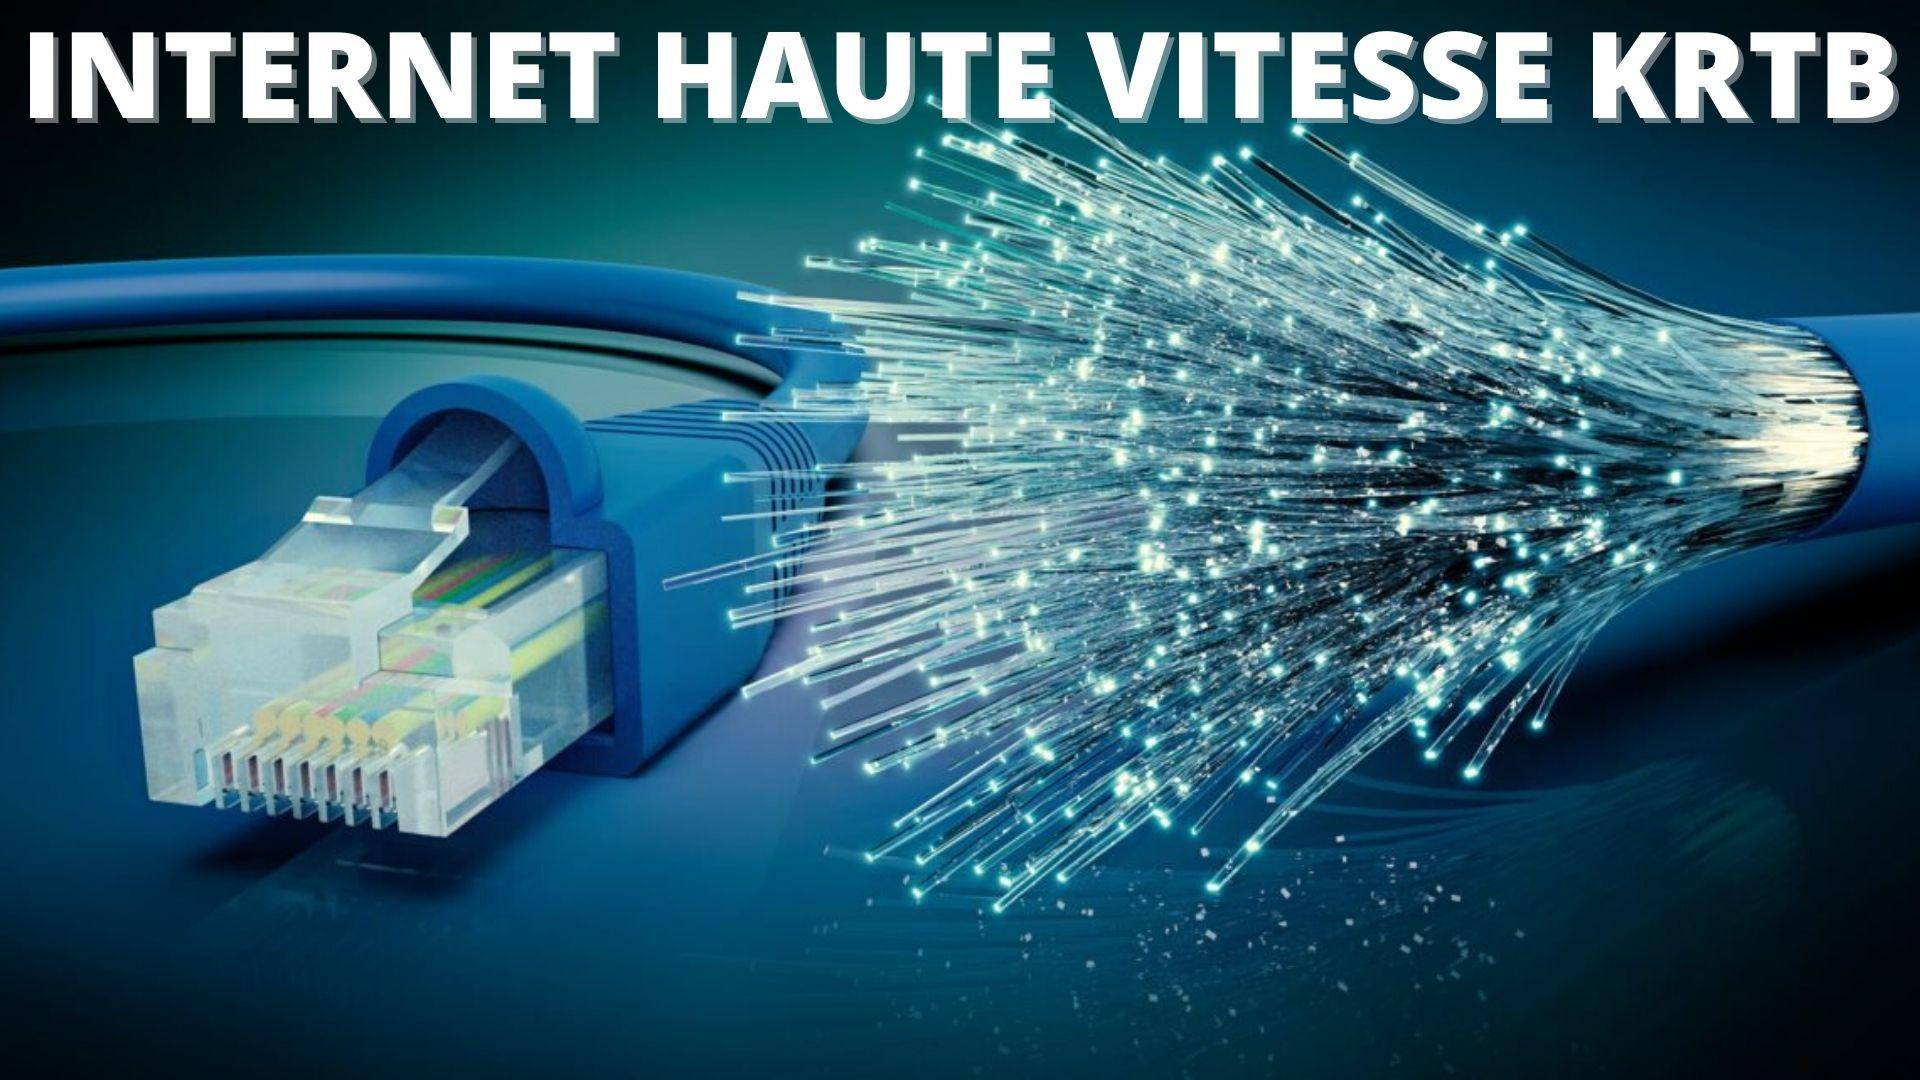 """Featured image for """"Internet haute vitesse au KRTB : lancement d'une page internet pour obtenir de l'information plus précise"""""""